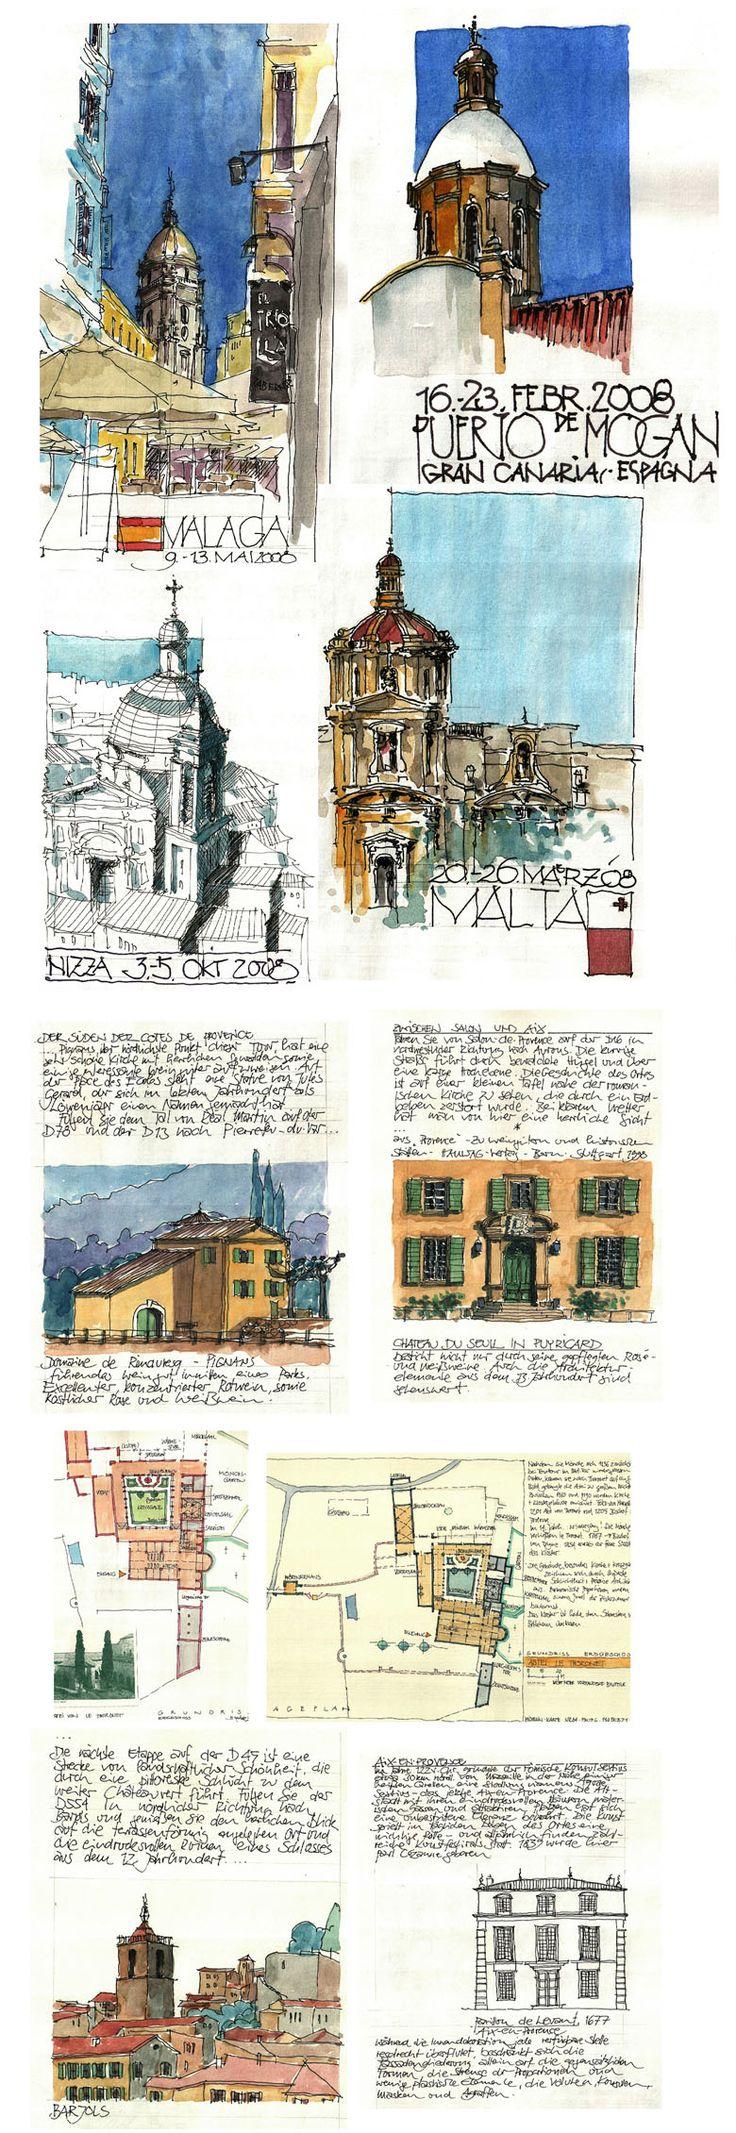 Travel Journal - Jochen Schittkowski #urban #sketch |  https://www.flickr.com/photos/127217696@N02/with/17074447880/